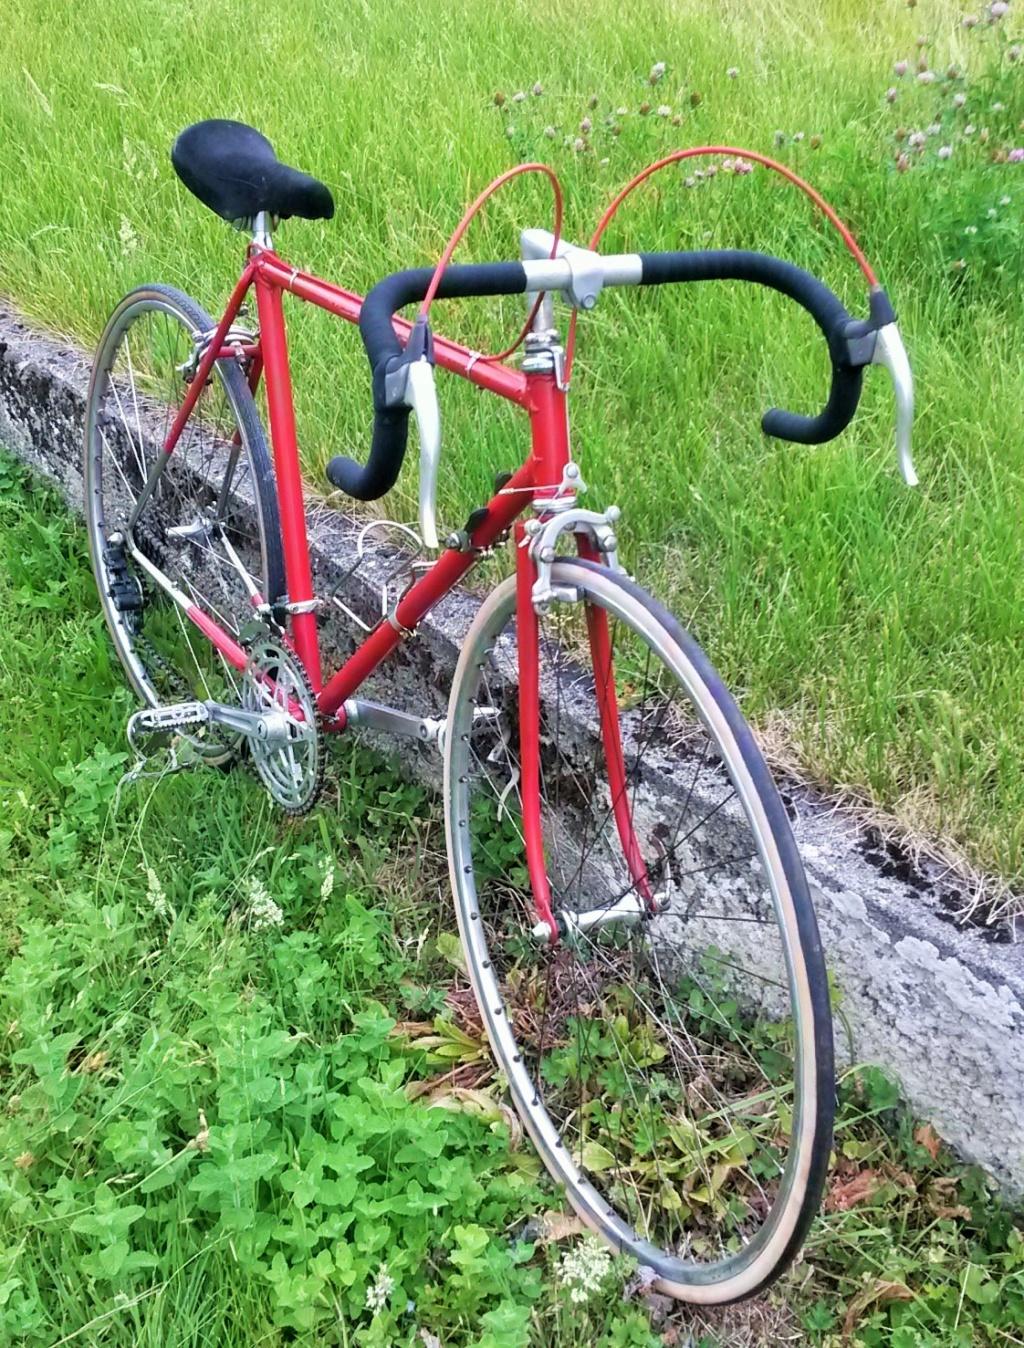 vélo de course a raccord NERVEX 1970 -75 01725